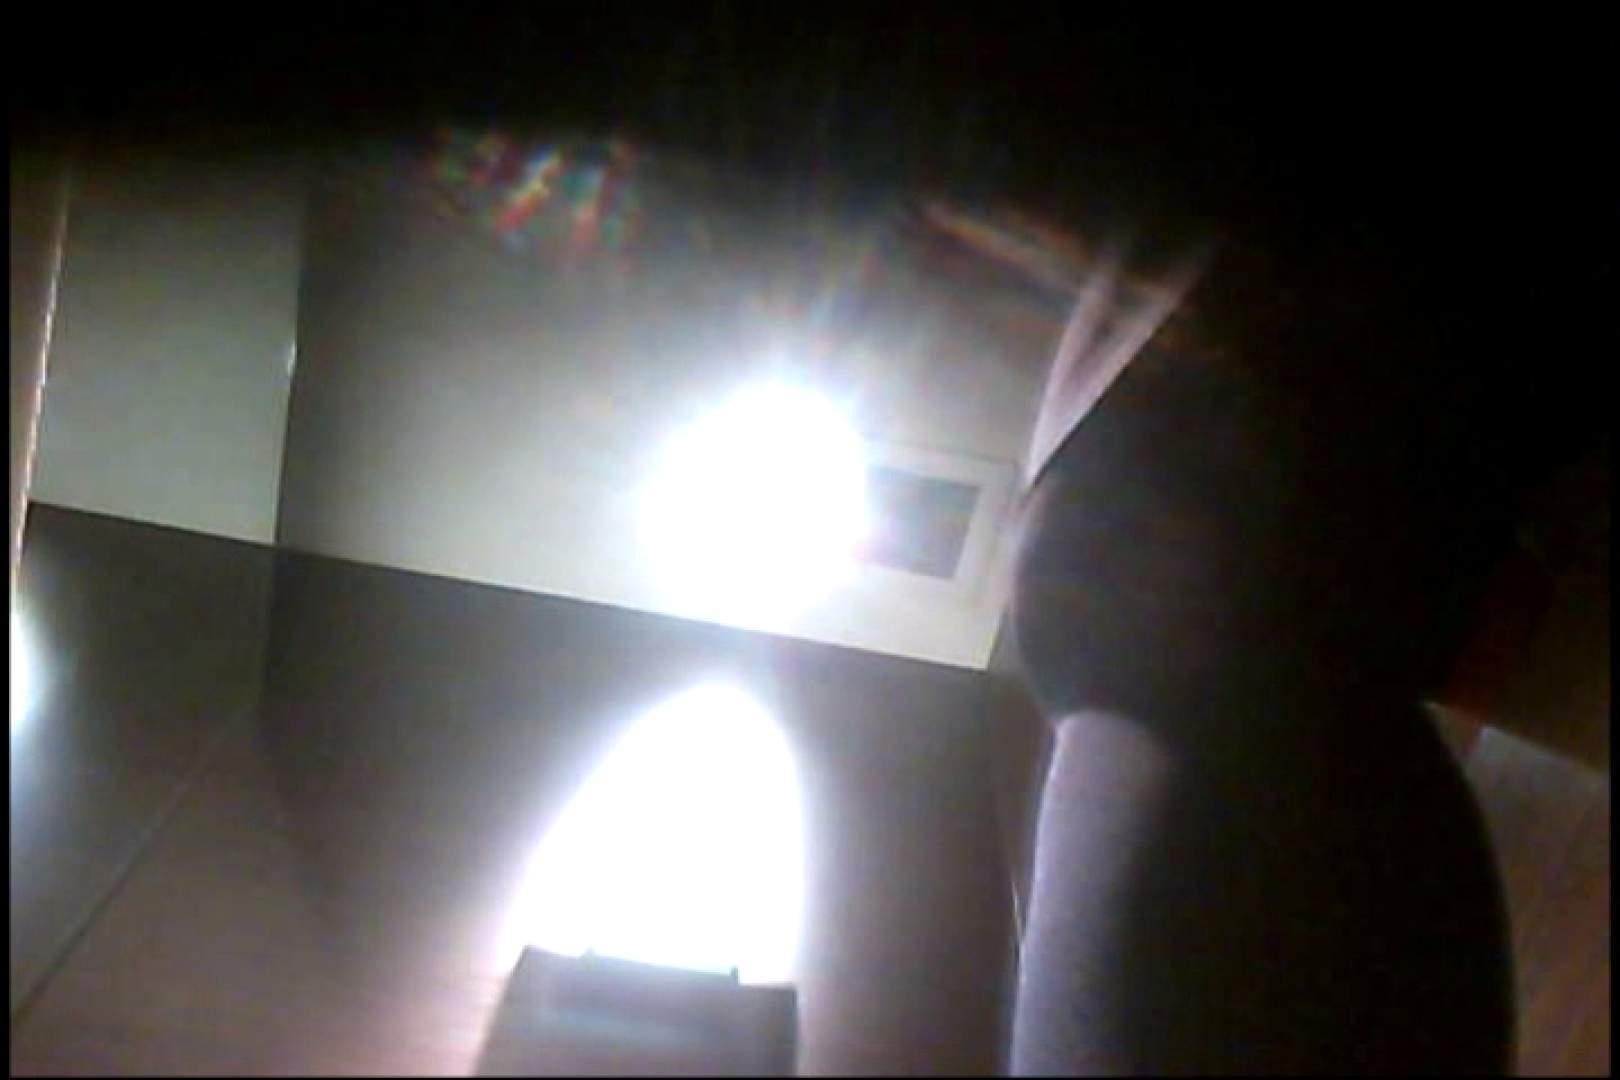 亀さんかわや VIPバージョン! vol.30 OLセックス 盗撮オメコ無修正動画無料 71画像 50